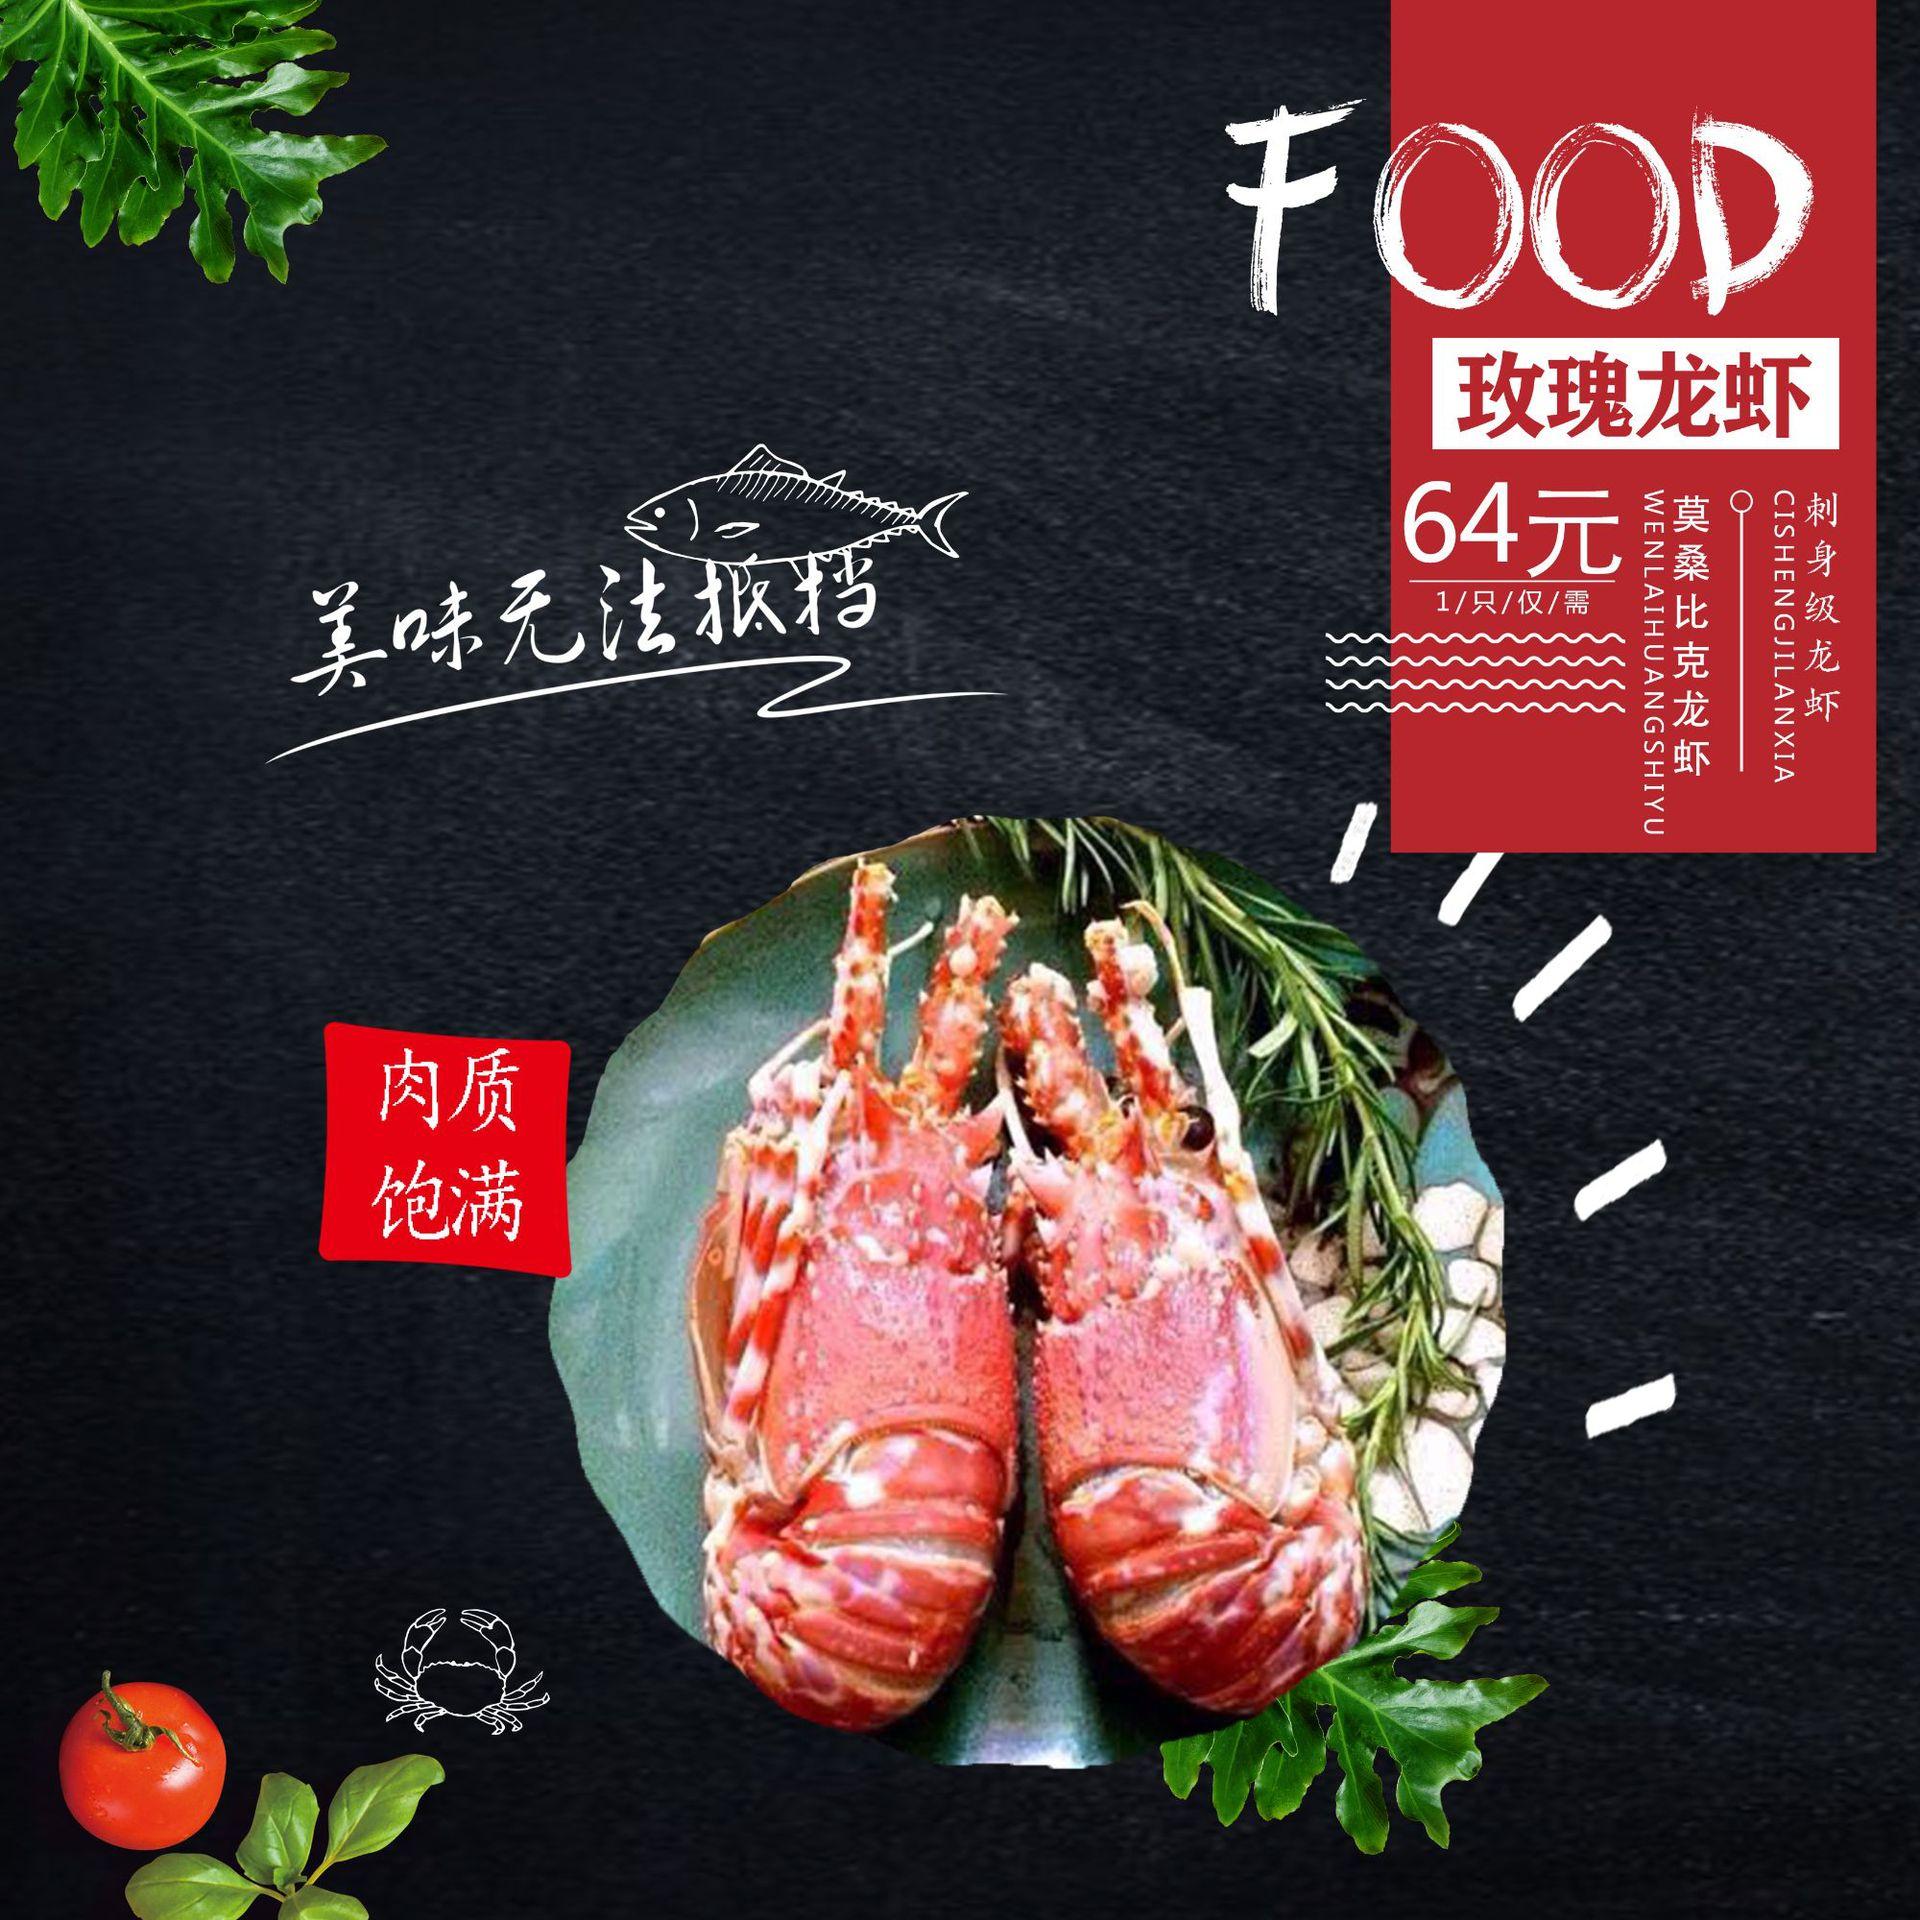 莫桑比克玫瑰龙虾  中餐西餐食材  刺身虾  玫瑰虾  进口海鲜